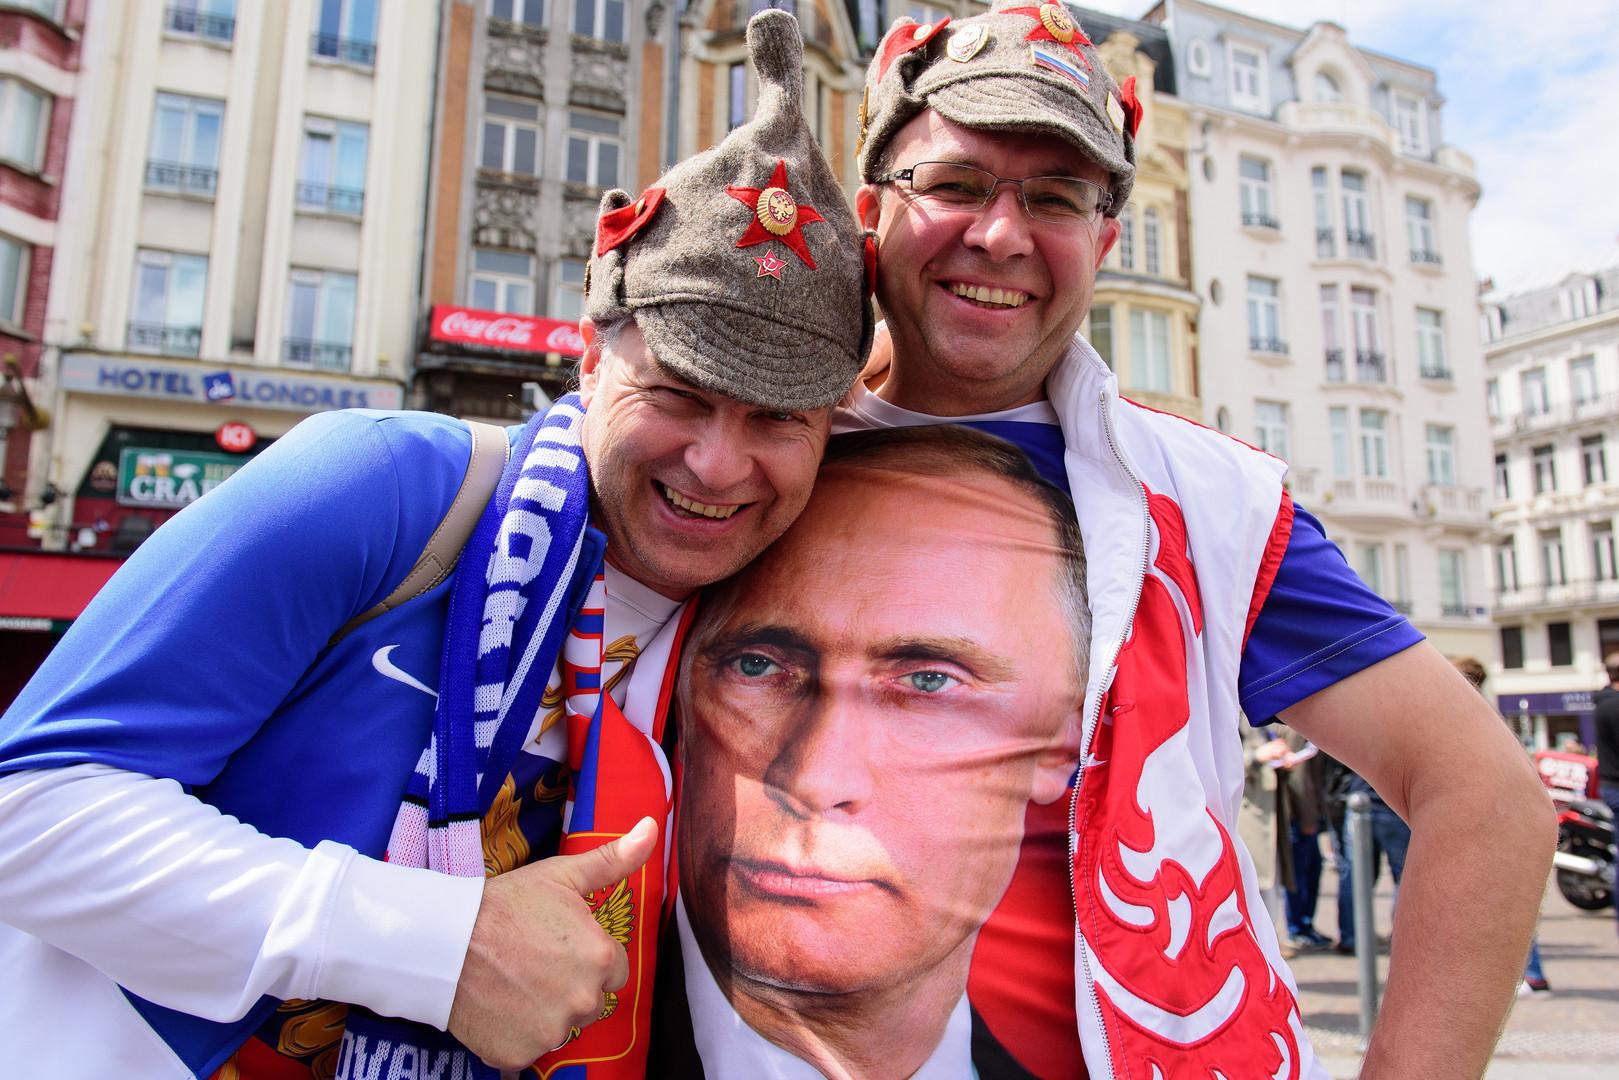 Политическое Евро-2016: Как и почему на Западе демонизируют российских фанатов